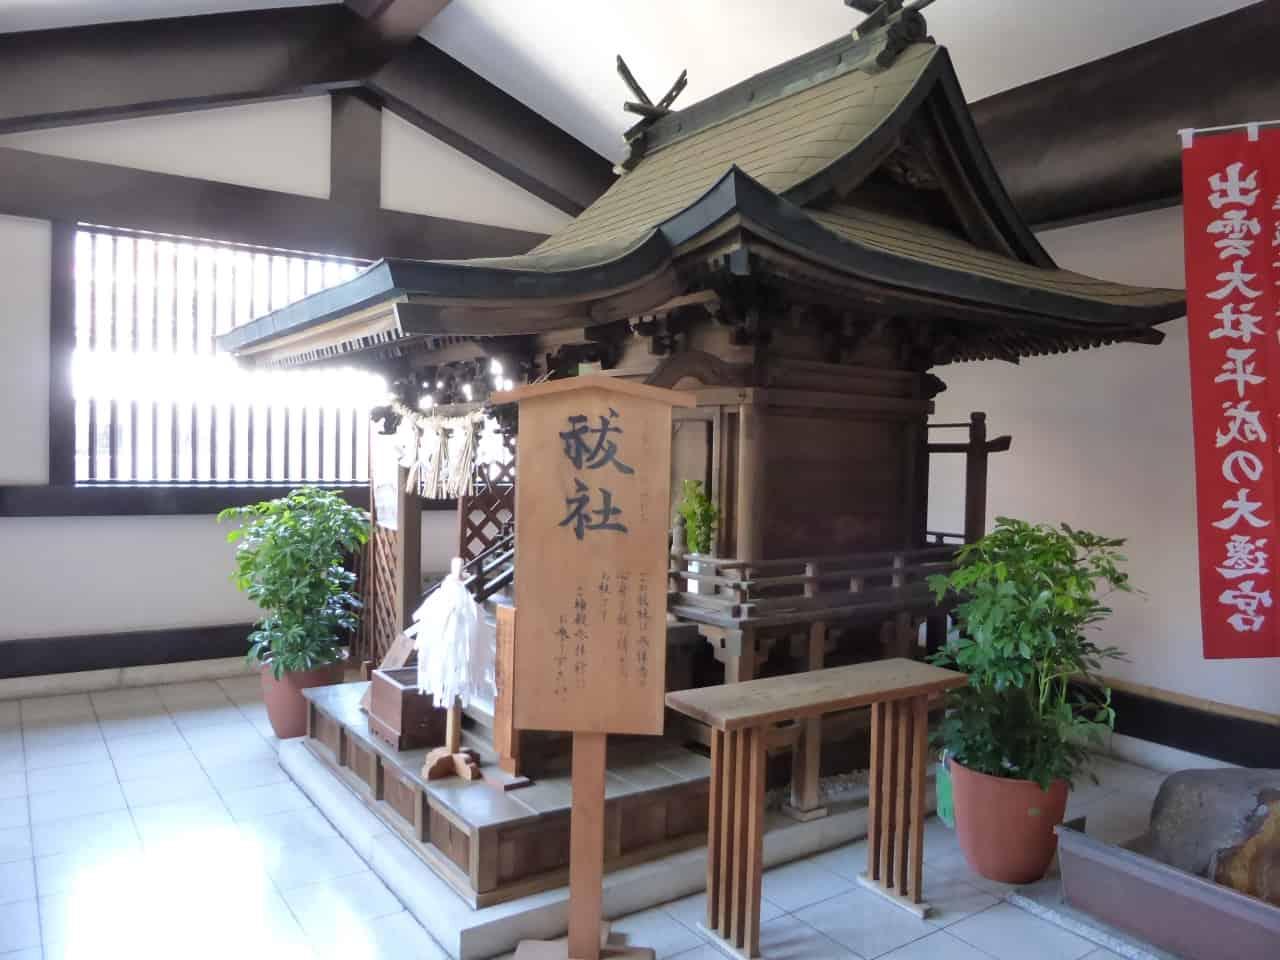 ศาลเจ้าอิซุโมะ โตเกียว (Izumo Taisha Tokyo) ขอพรความรัก